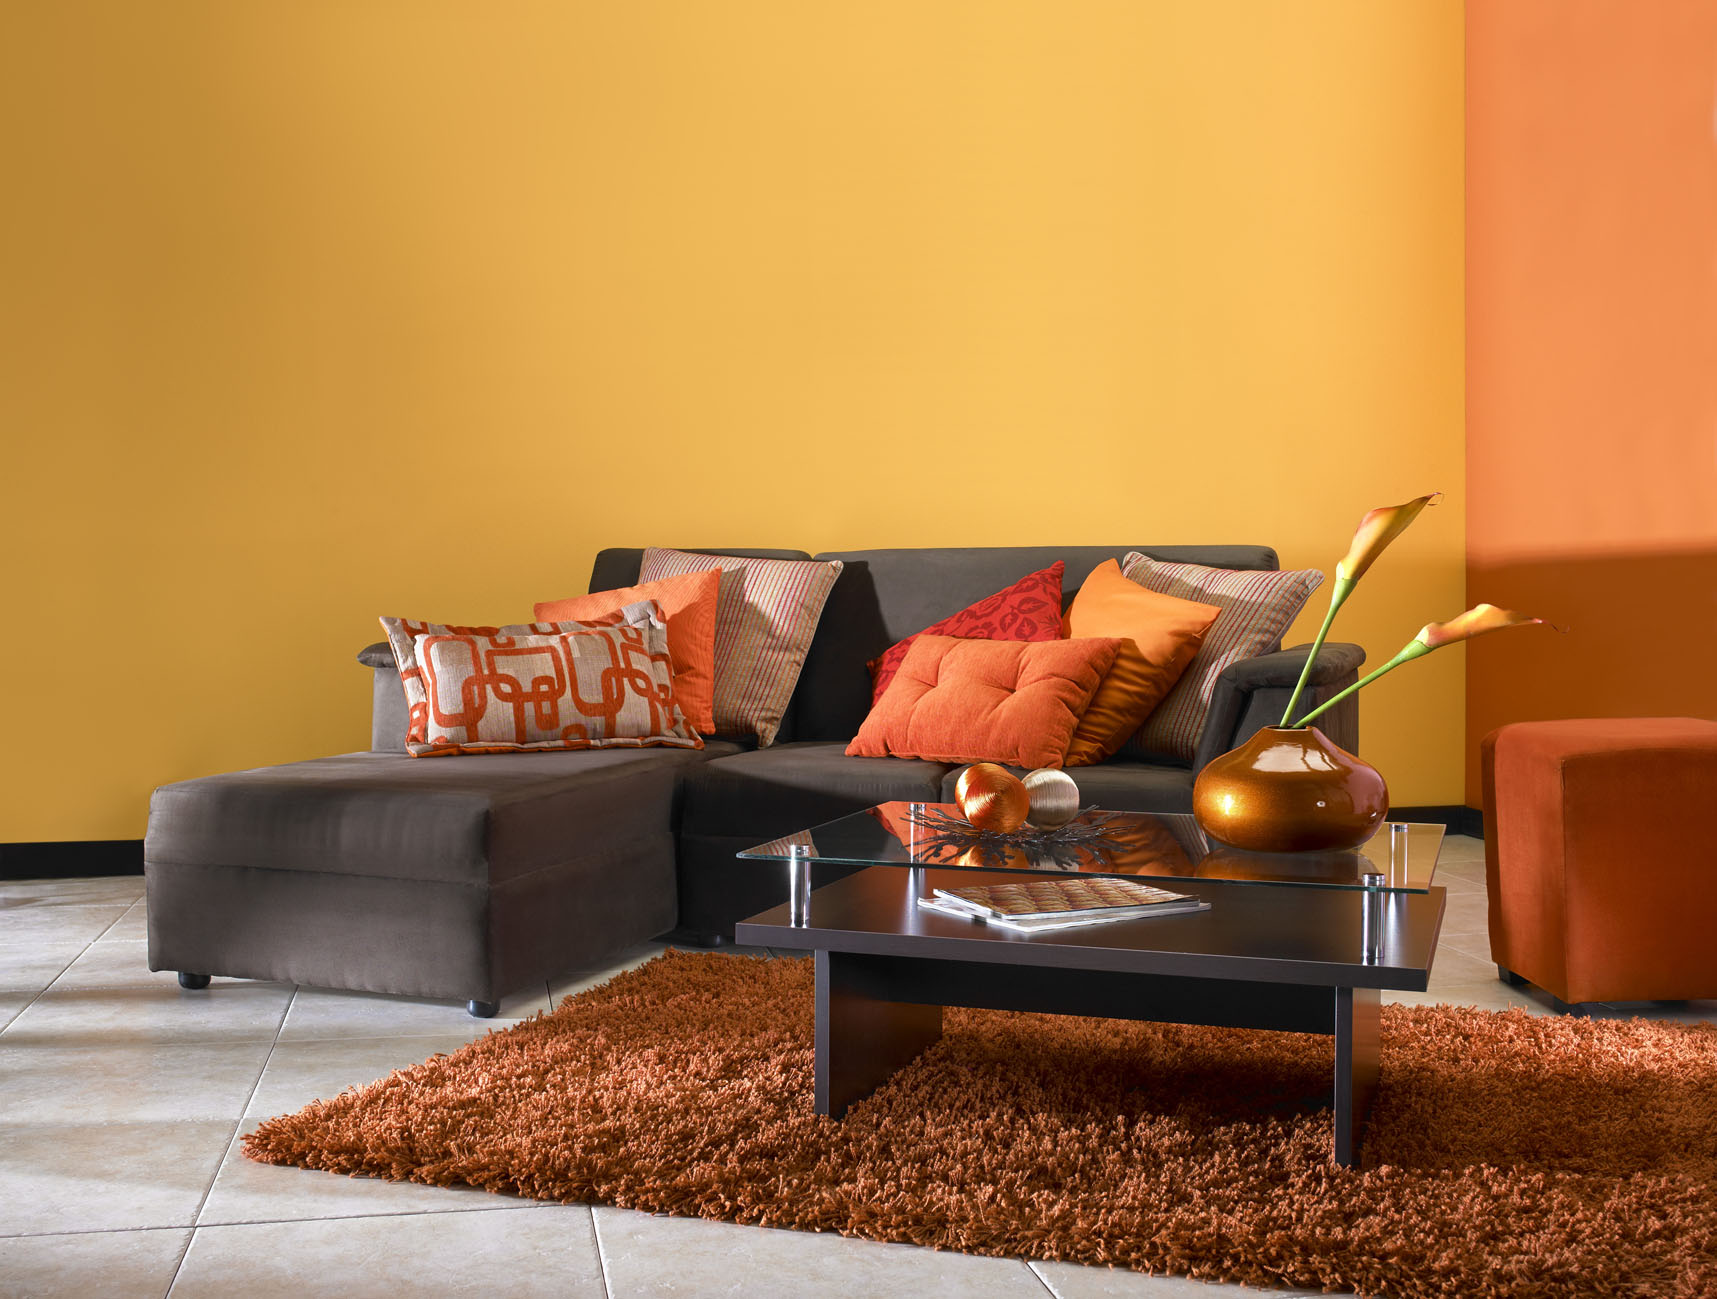 El arco ris de la decoraci n casa y mantel for Decoracion naranja